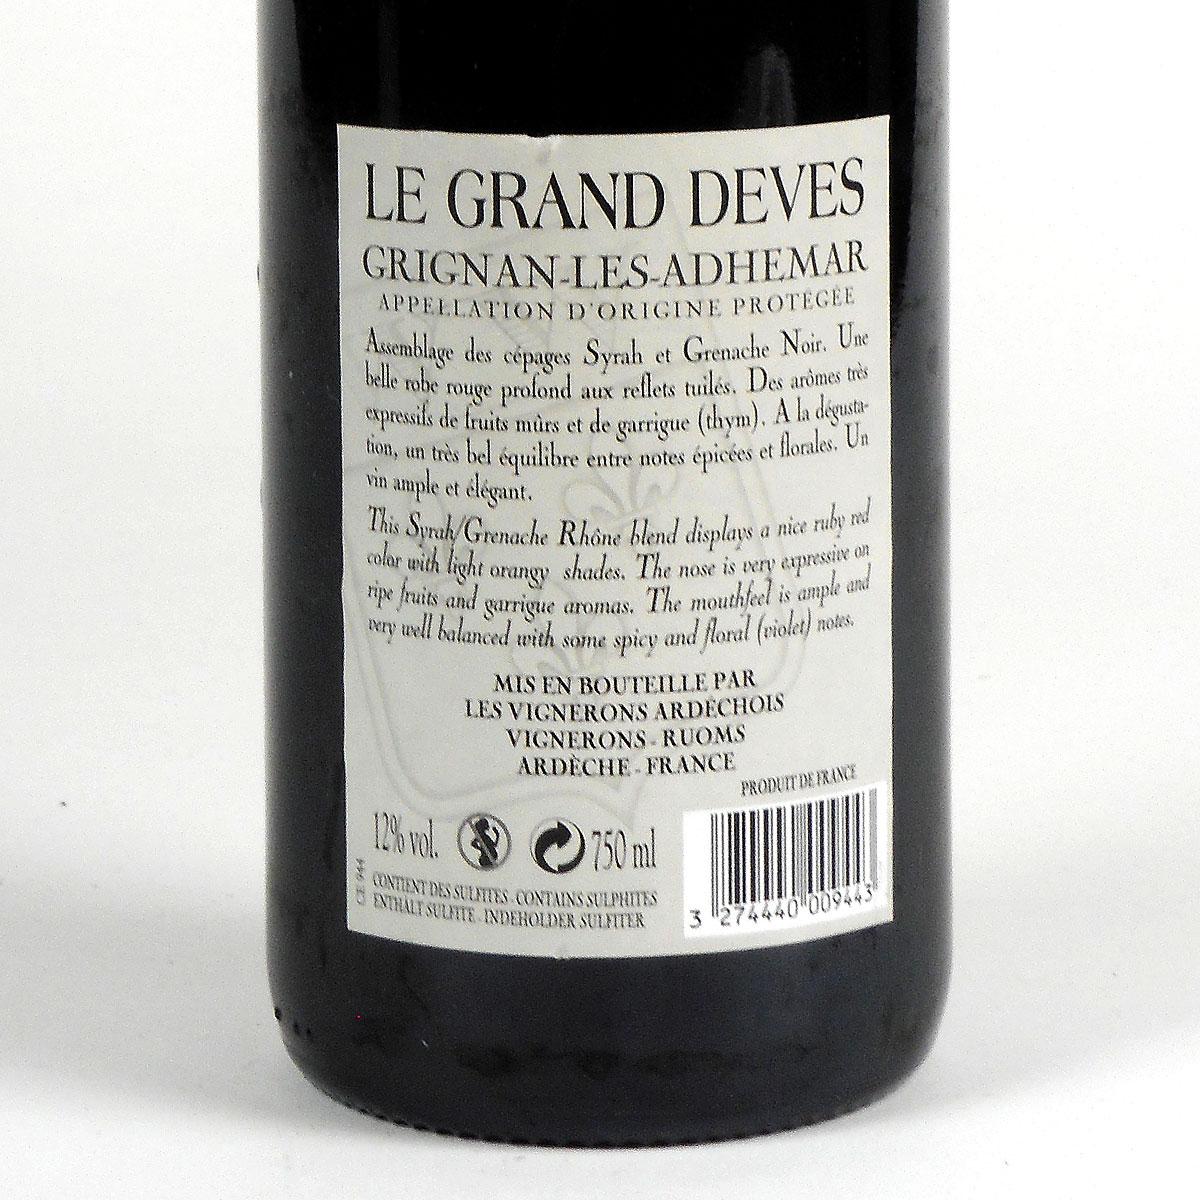 Grignan-Les-Adhémar: 'Le Grand Dèves' 2018 - Bottle Rear Label